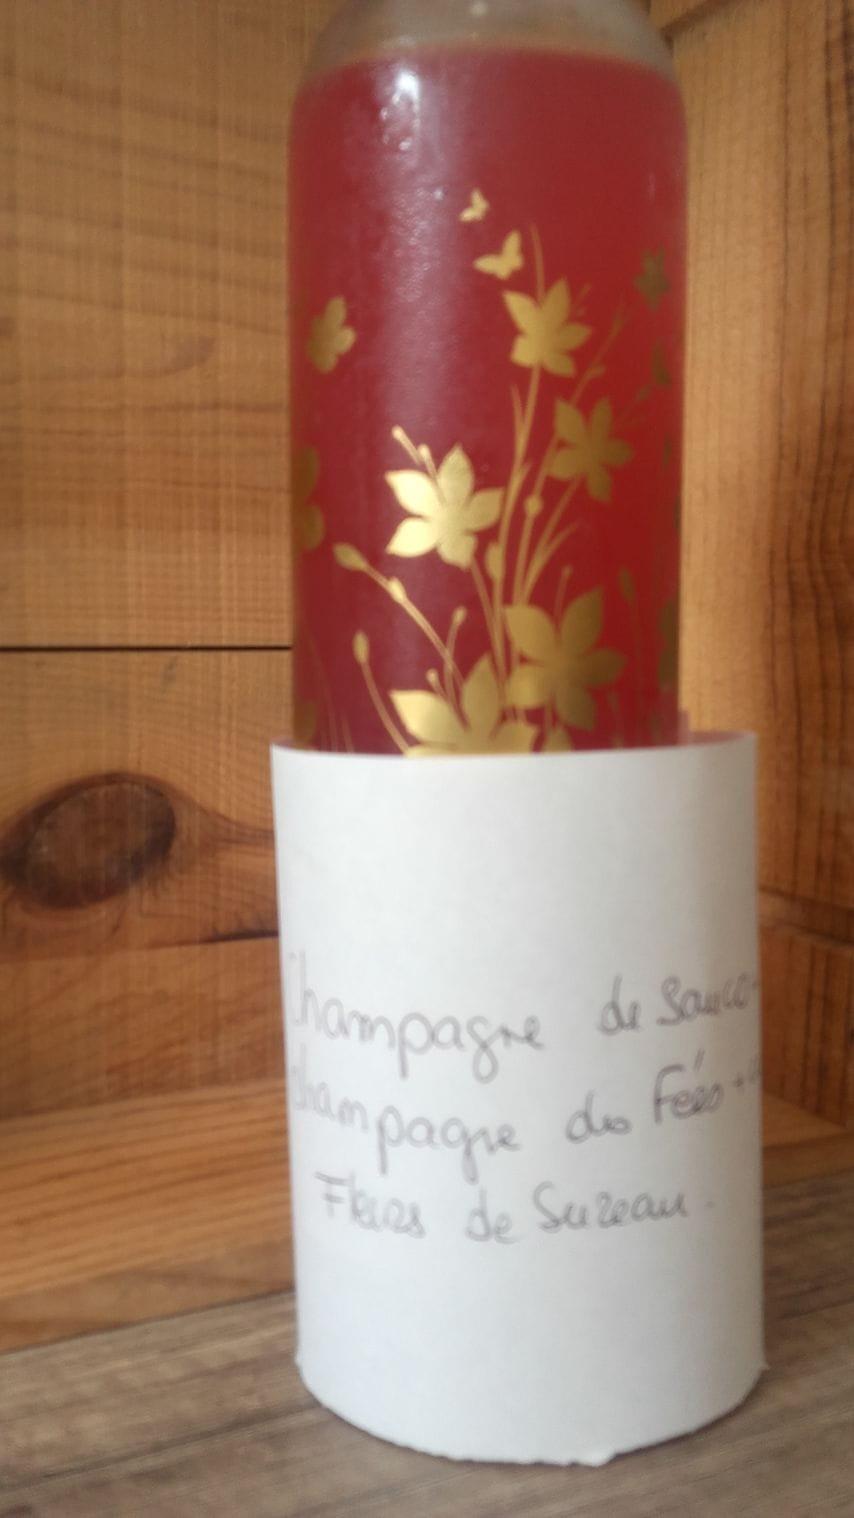 Champagne des fées, colorant coquelicot.